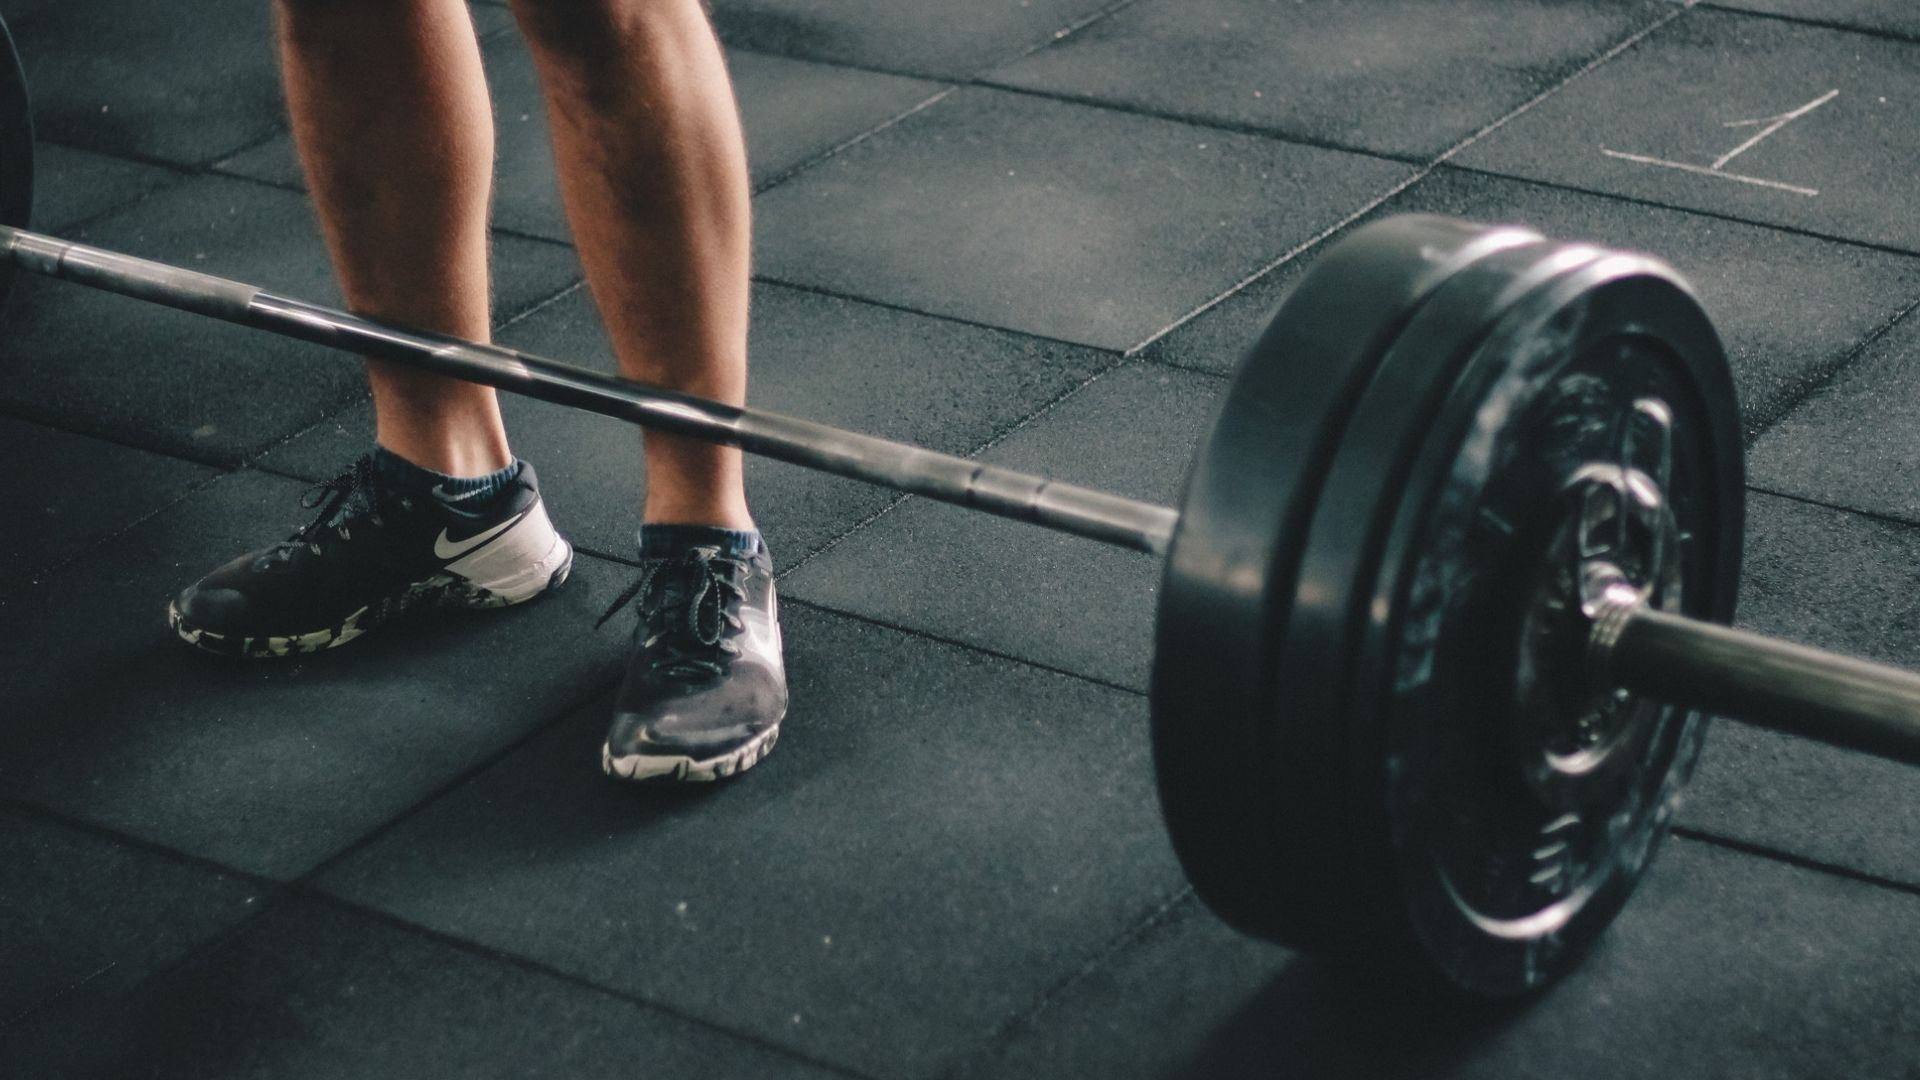 Trainingsprinzipien für schnelle Trainingserfolge03